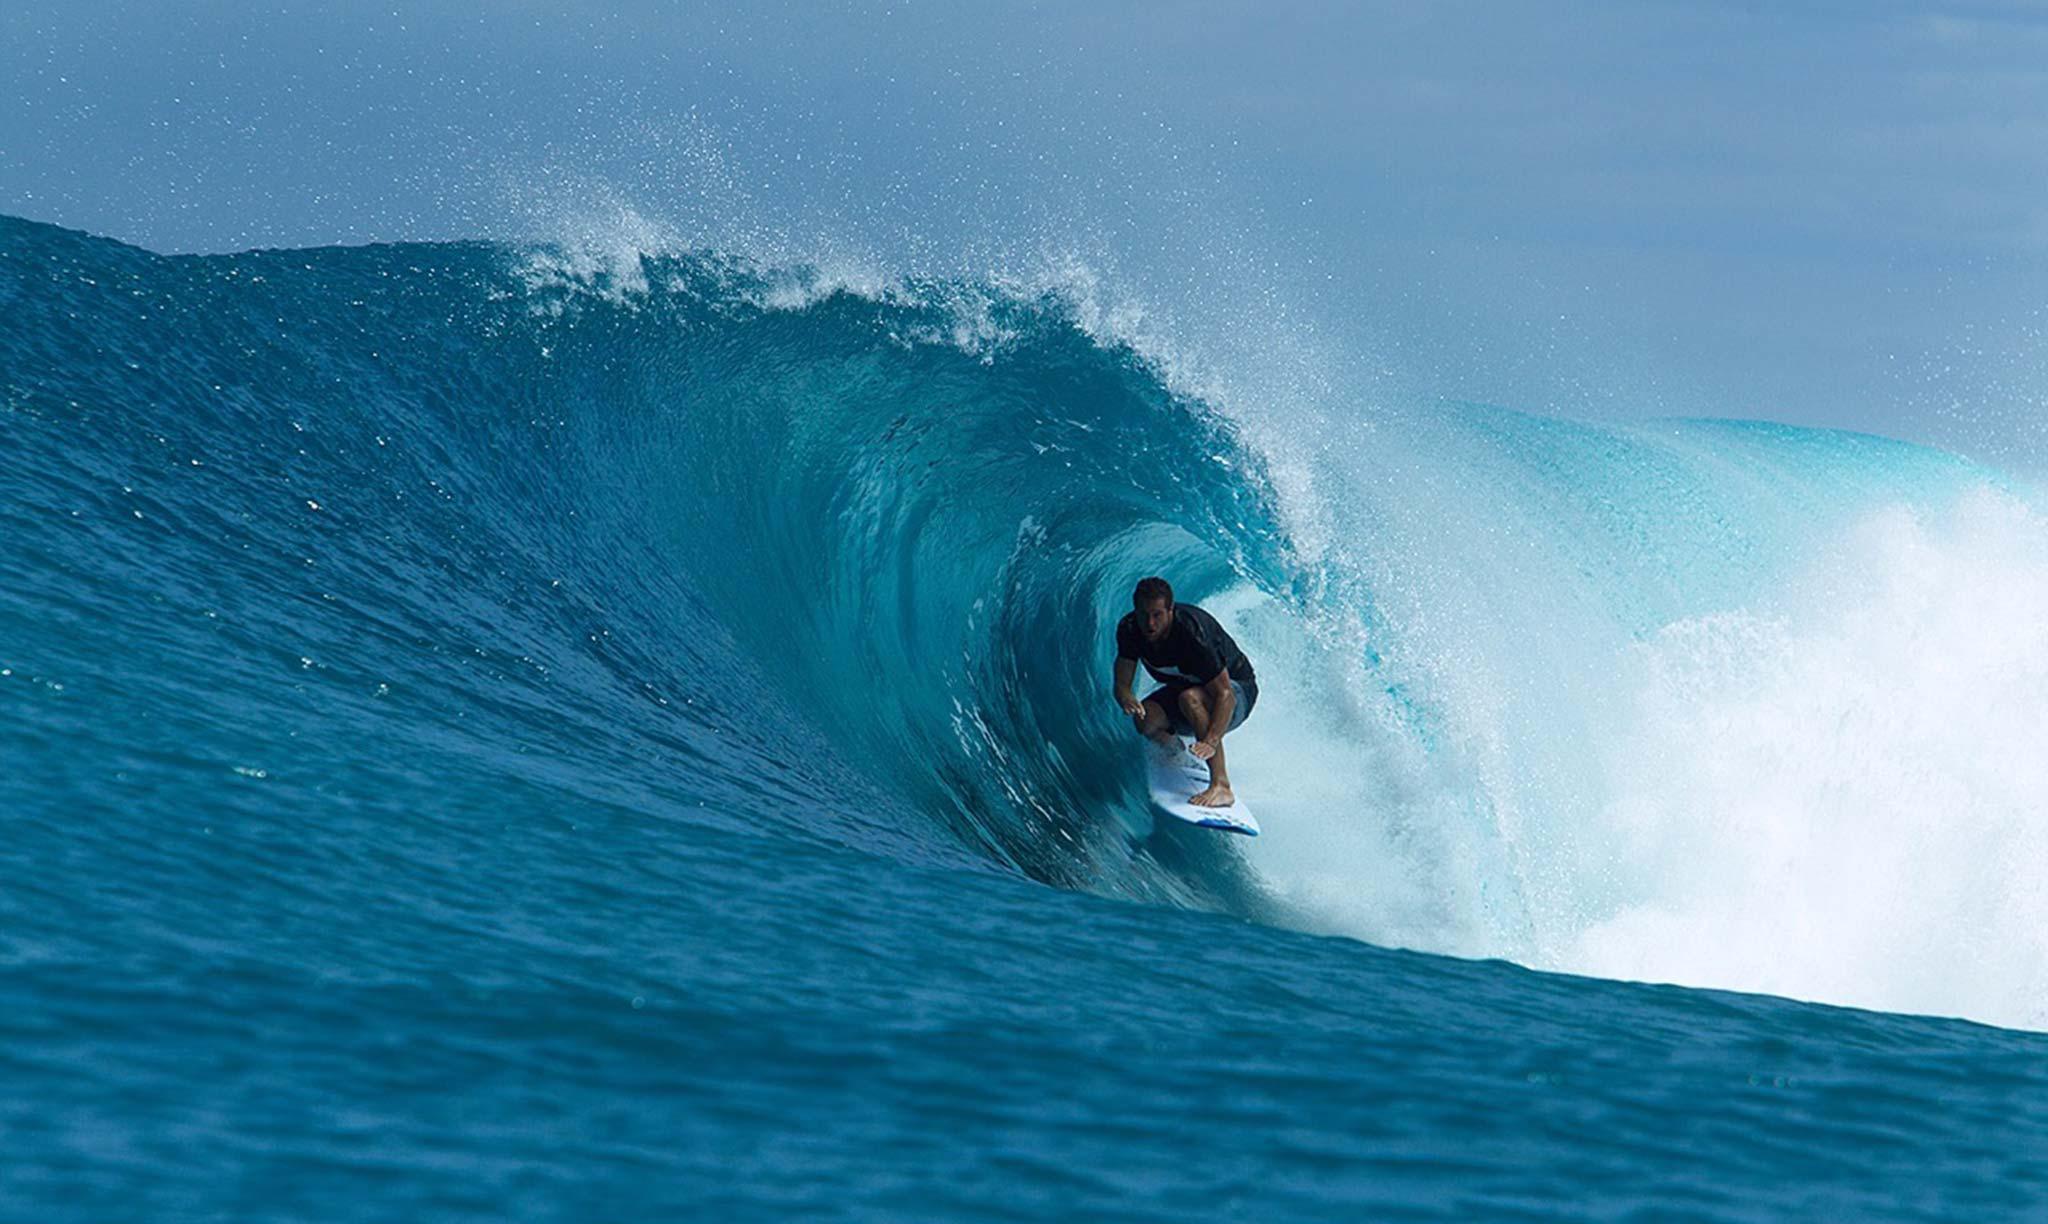 Mahi Mahi Waves 30